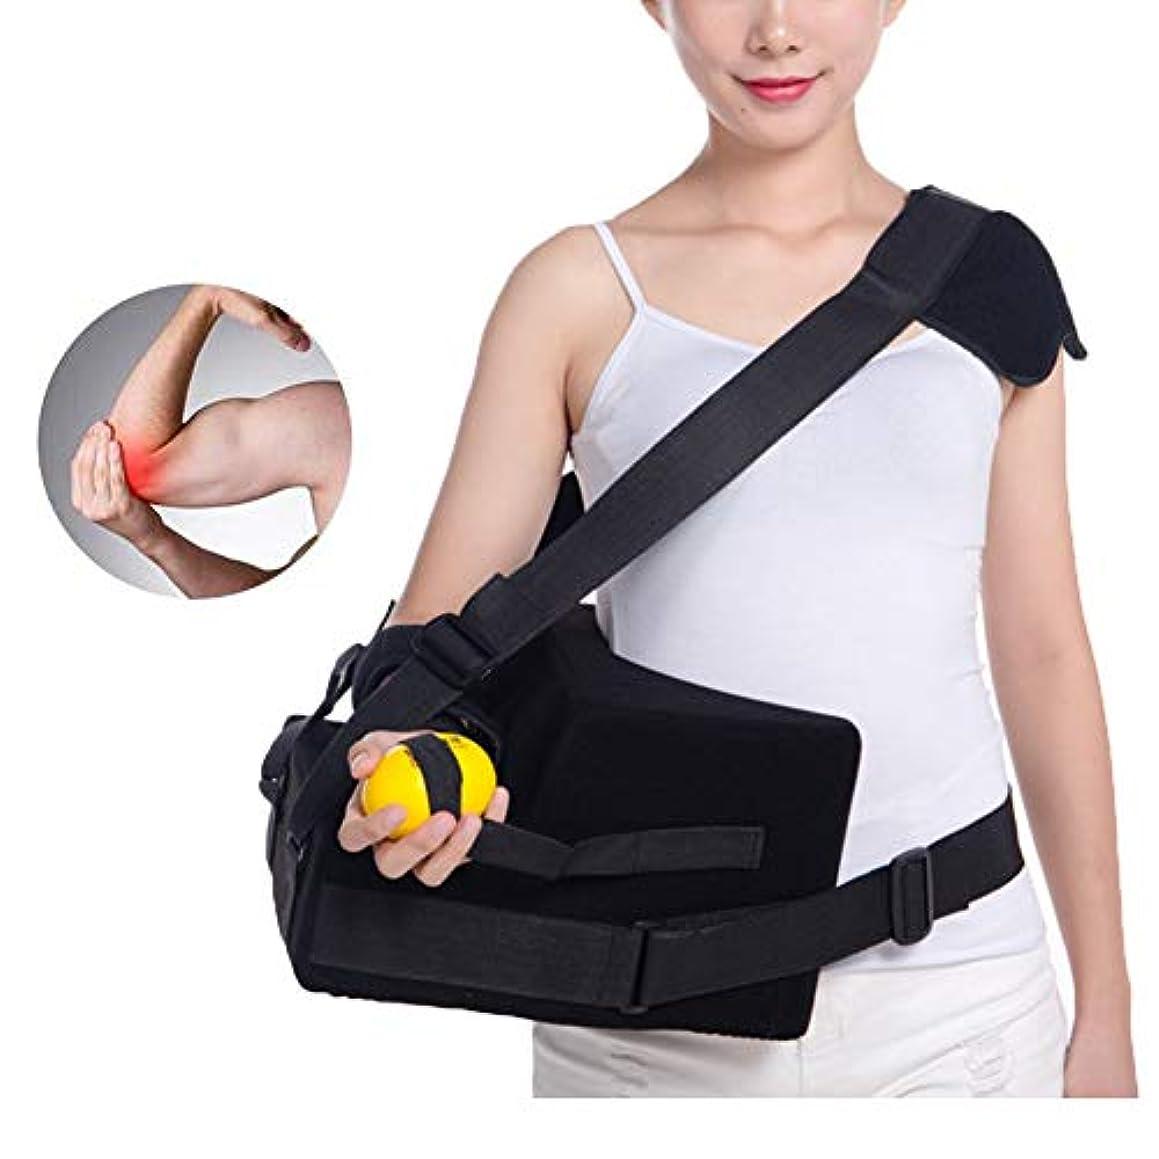 シェフ最高病な腕のスリングの肘サポートブレース肩外転ベルト骨折、腕の骨折、手首、肘、肩のけがの軽減とサポート、ワンサイズ - ユニセックス